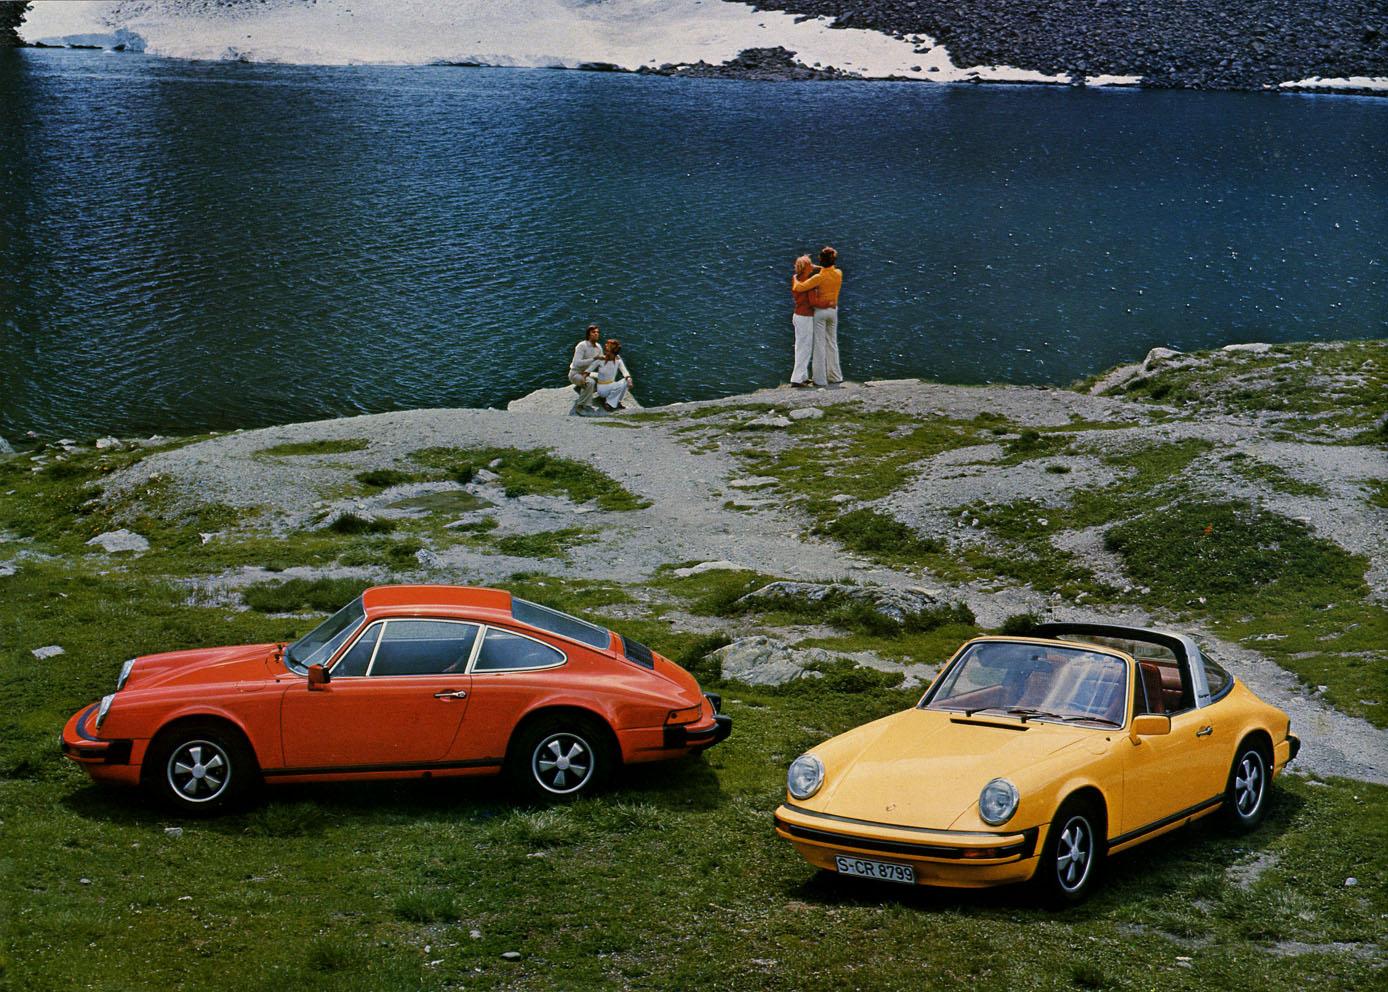 TunnelRam_Porsche 911 (44).jpg